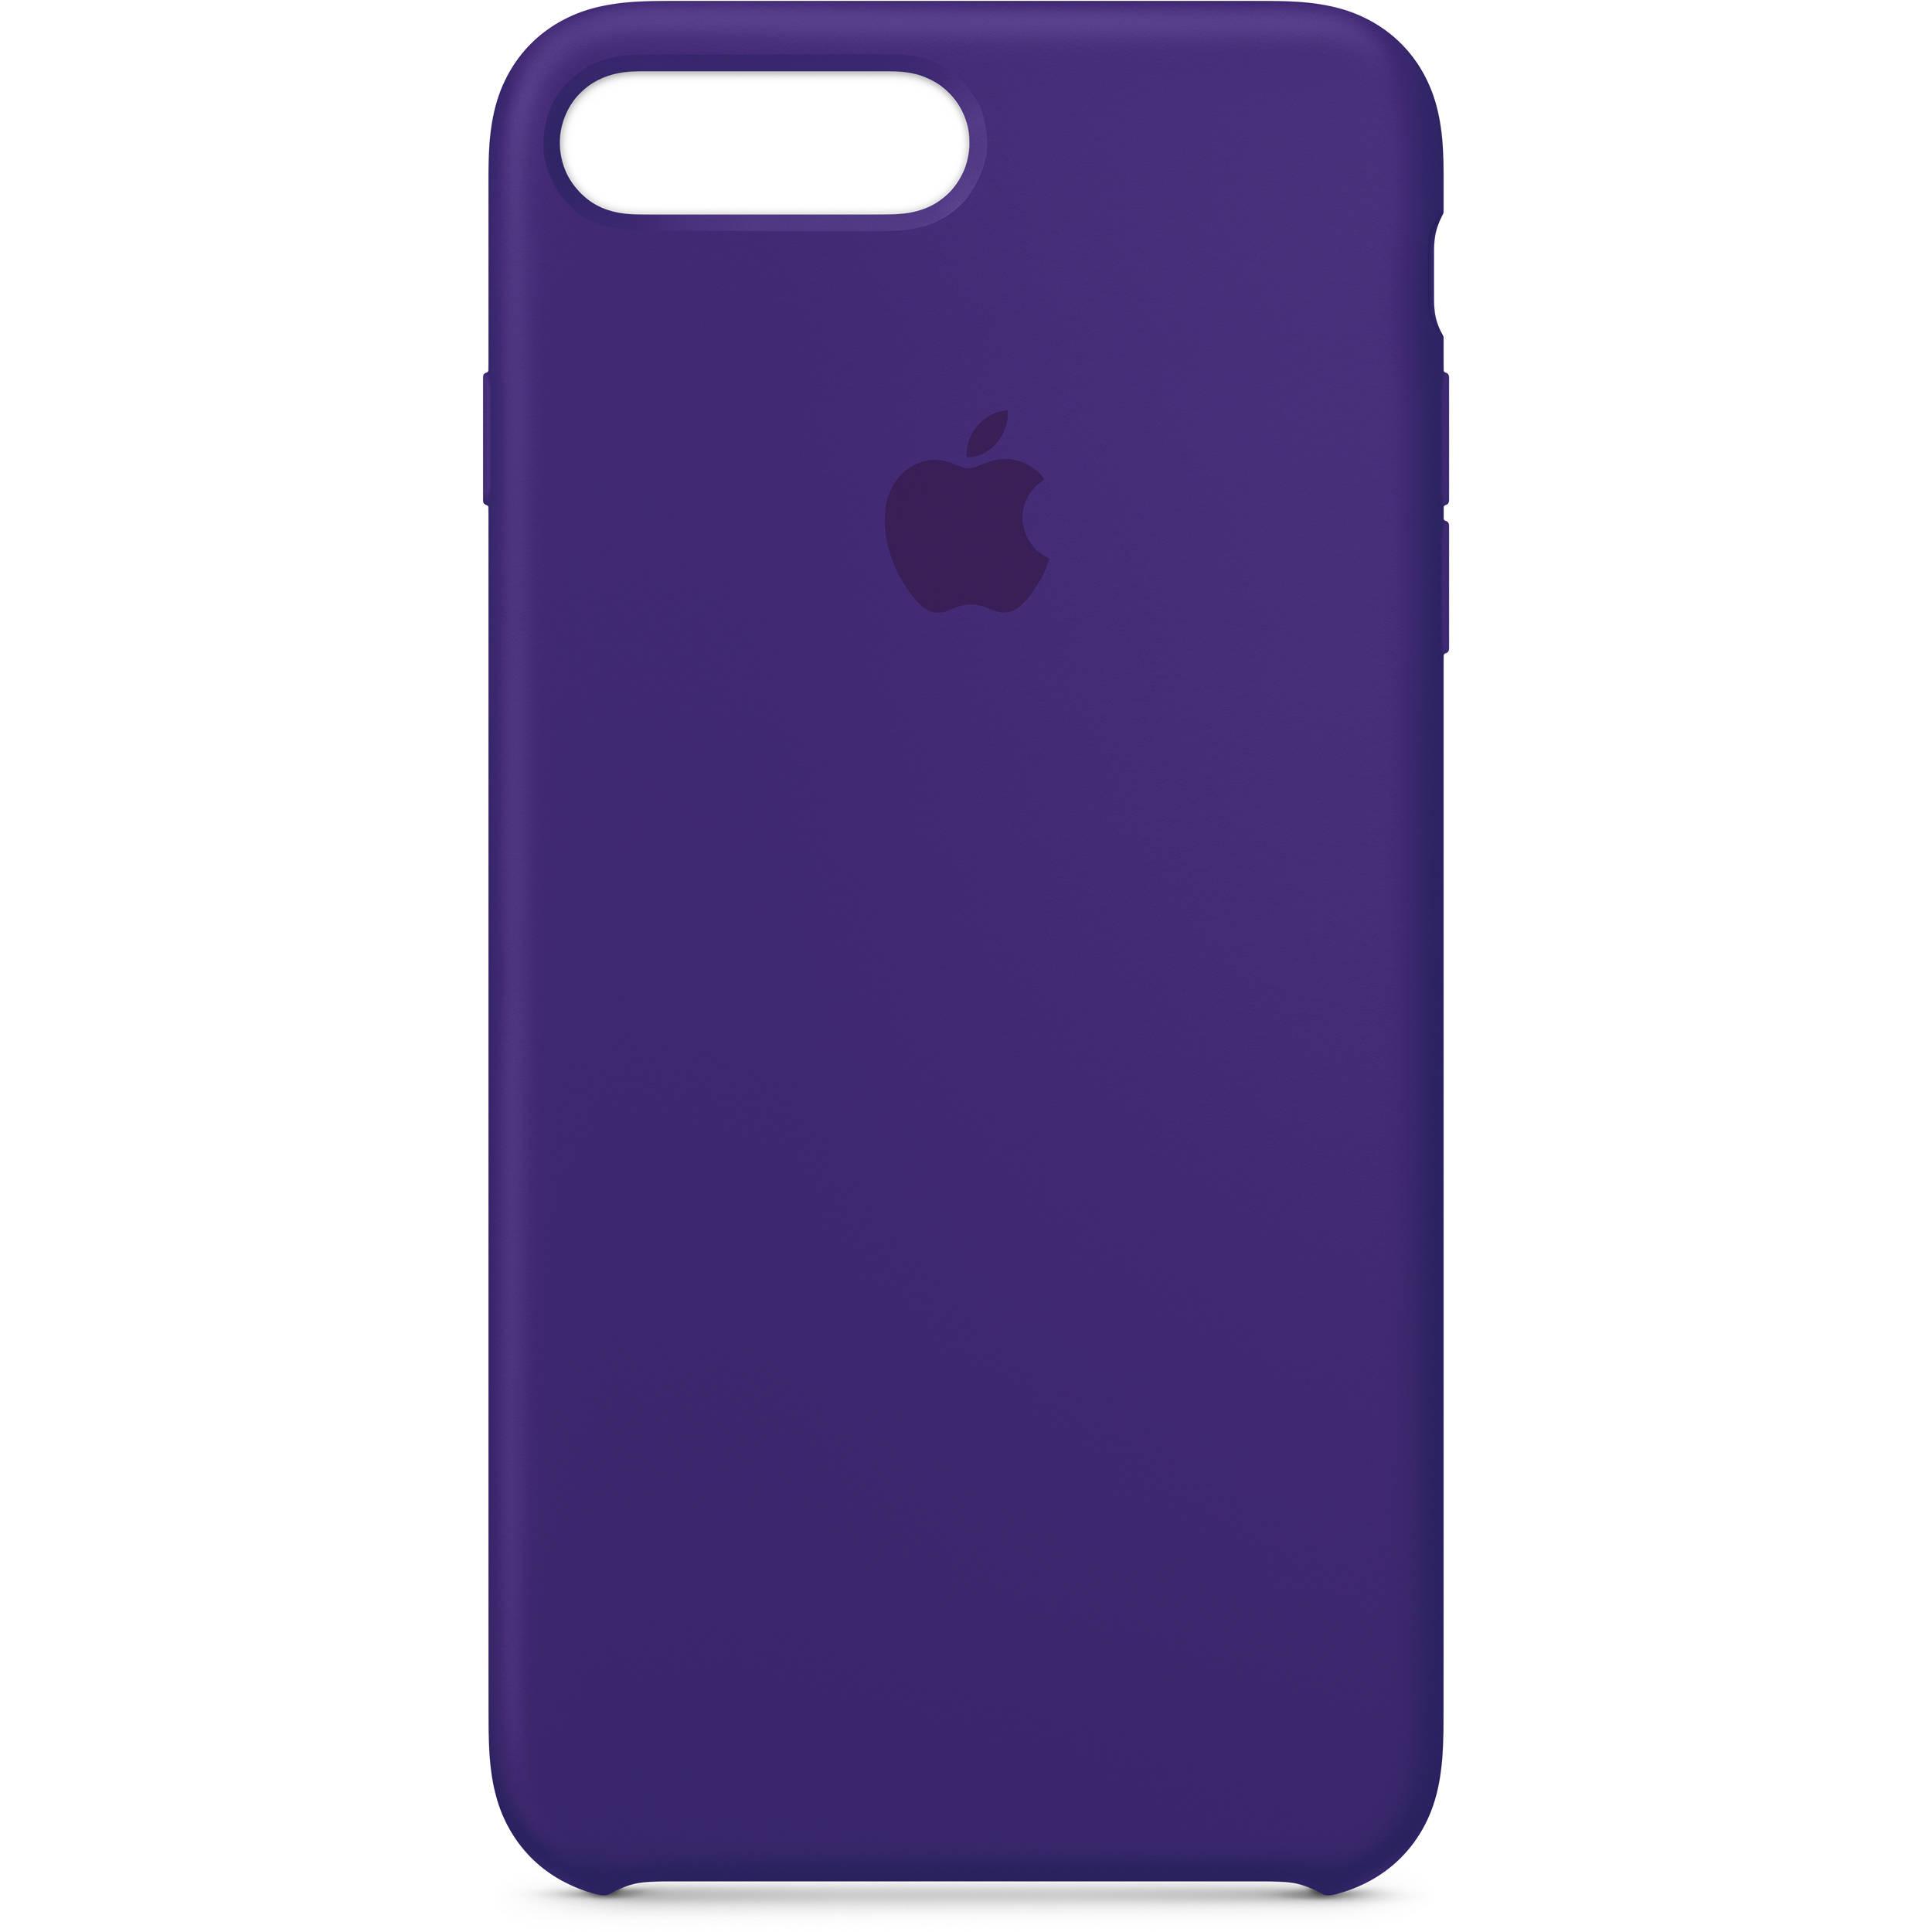 apple iphone 7 plus 8 plus silicone case ultra violet